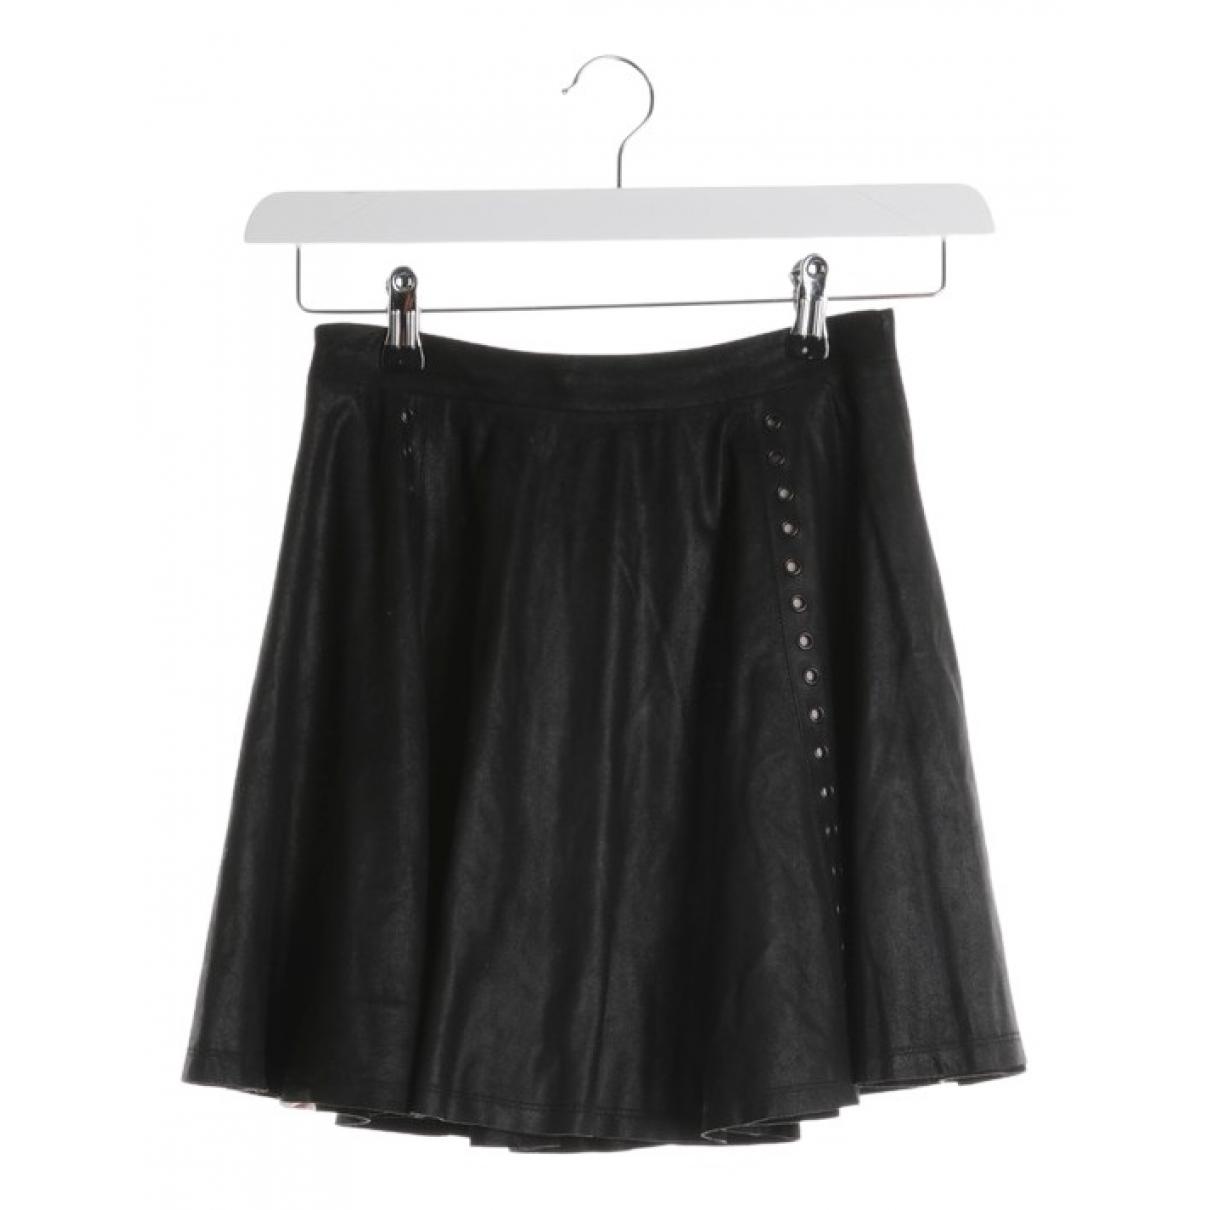 Alice & Olivia \N Black Leather skirt for Women 34 FR